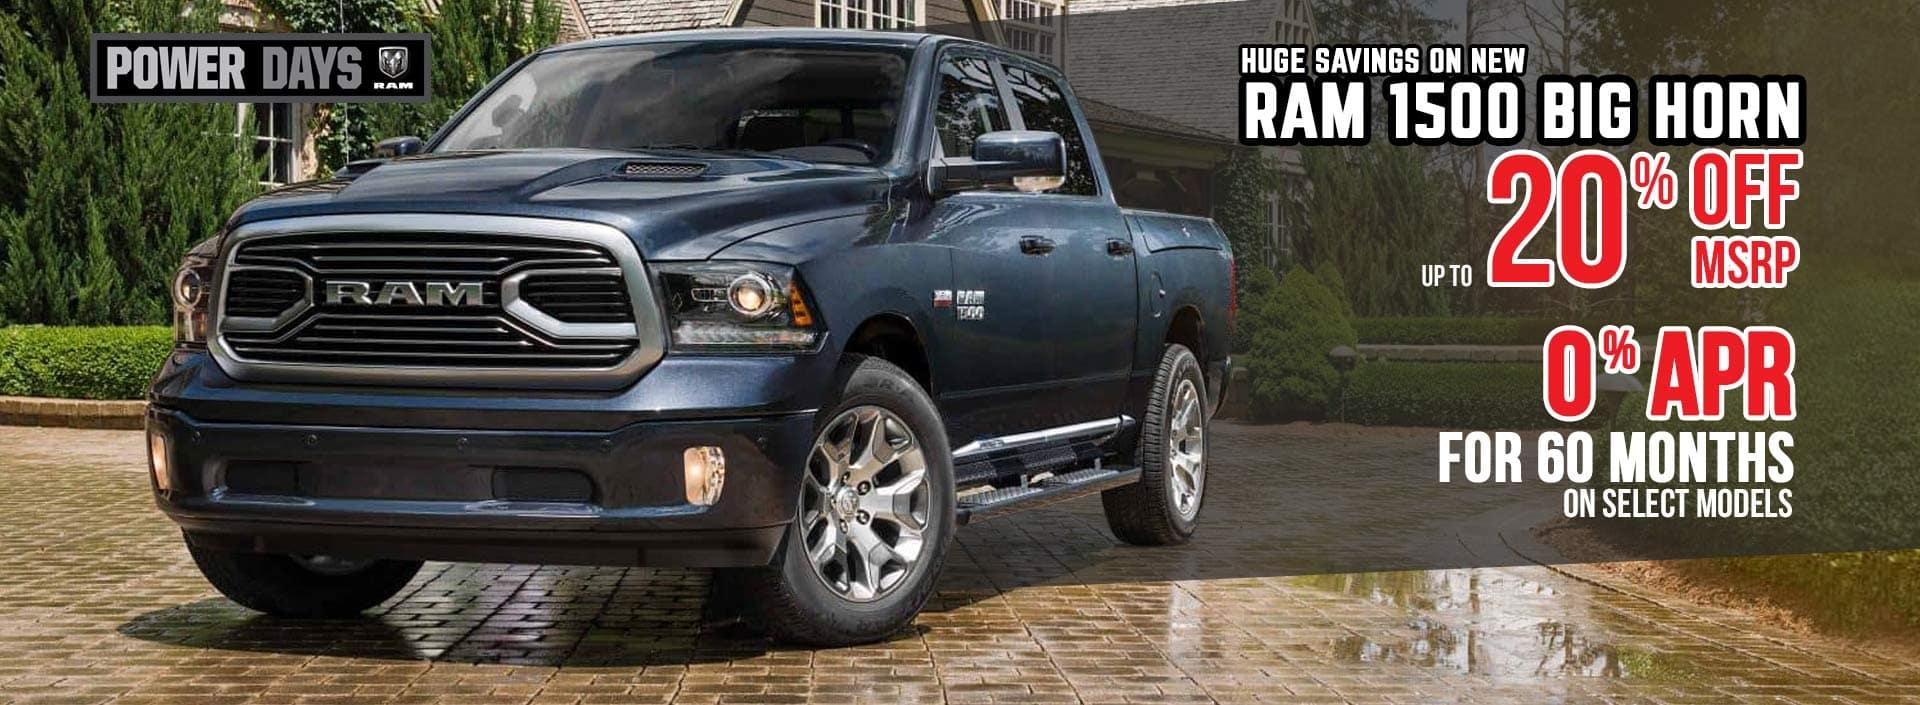 Ram 1500 Sale